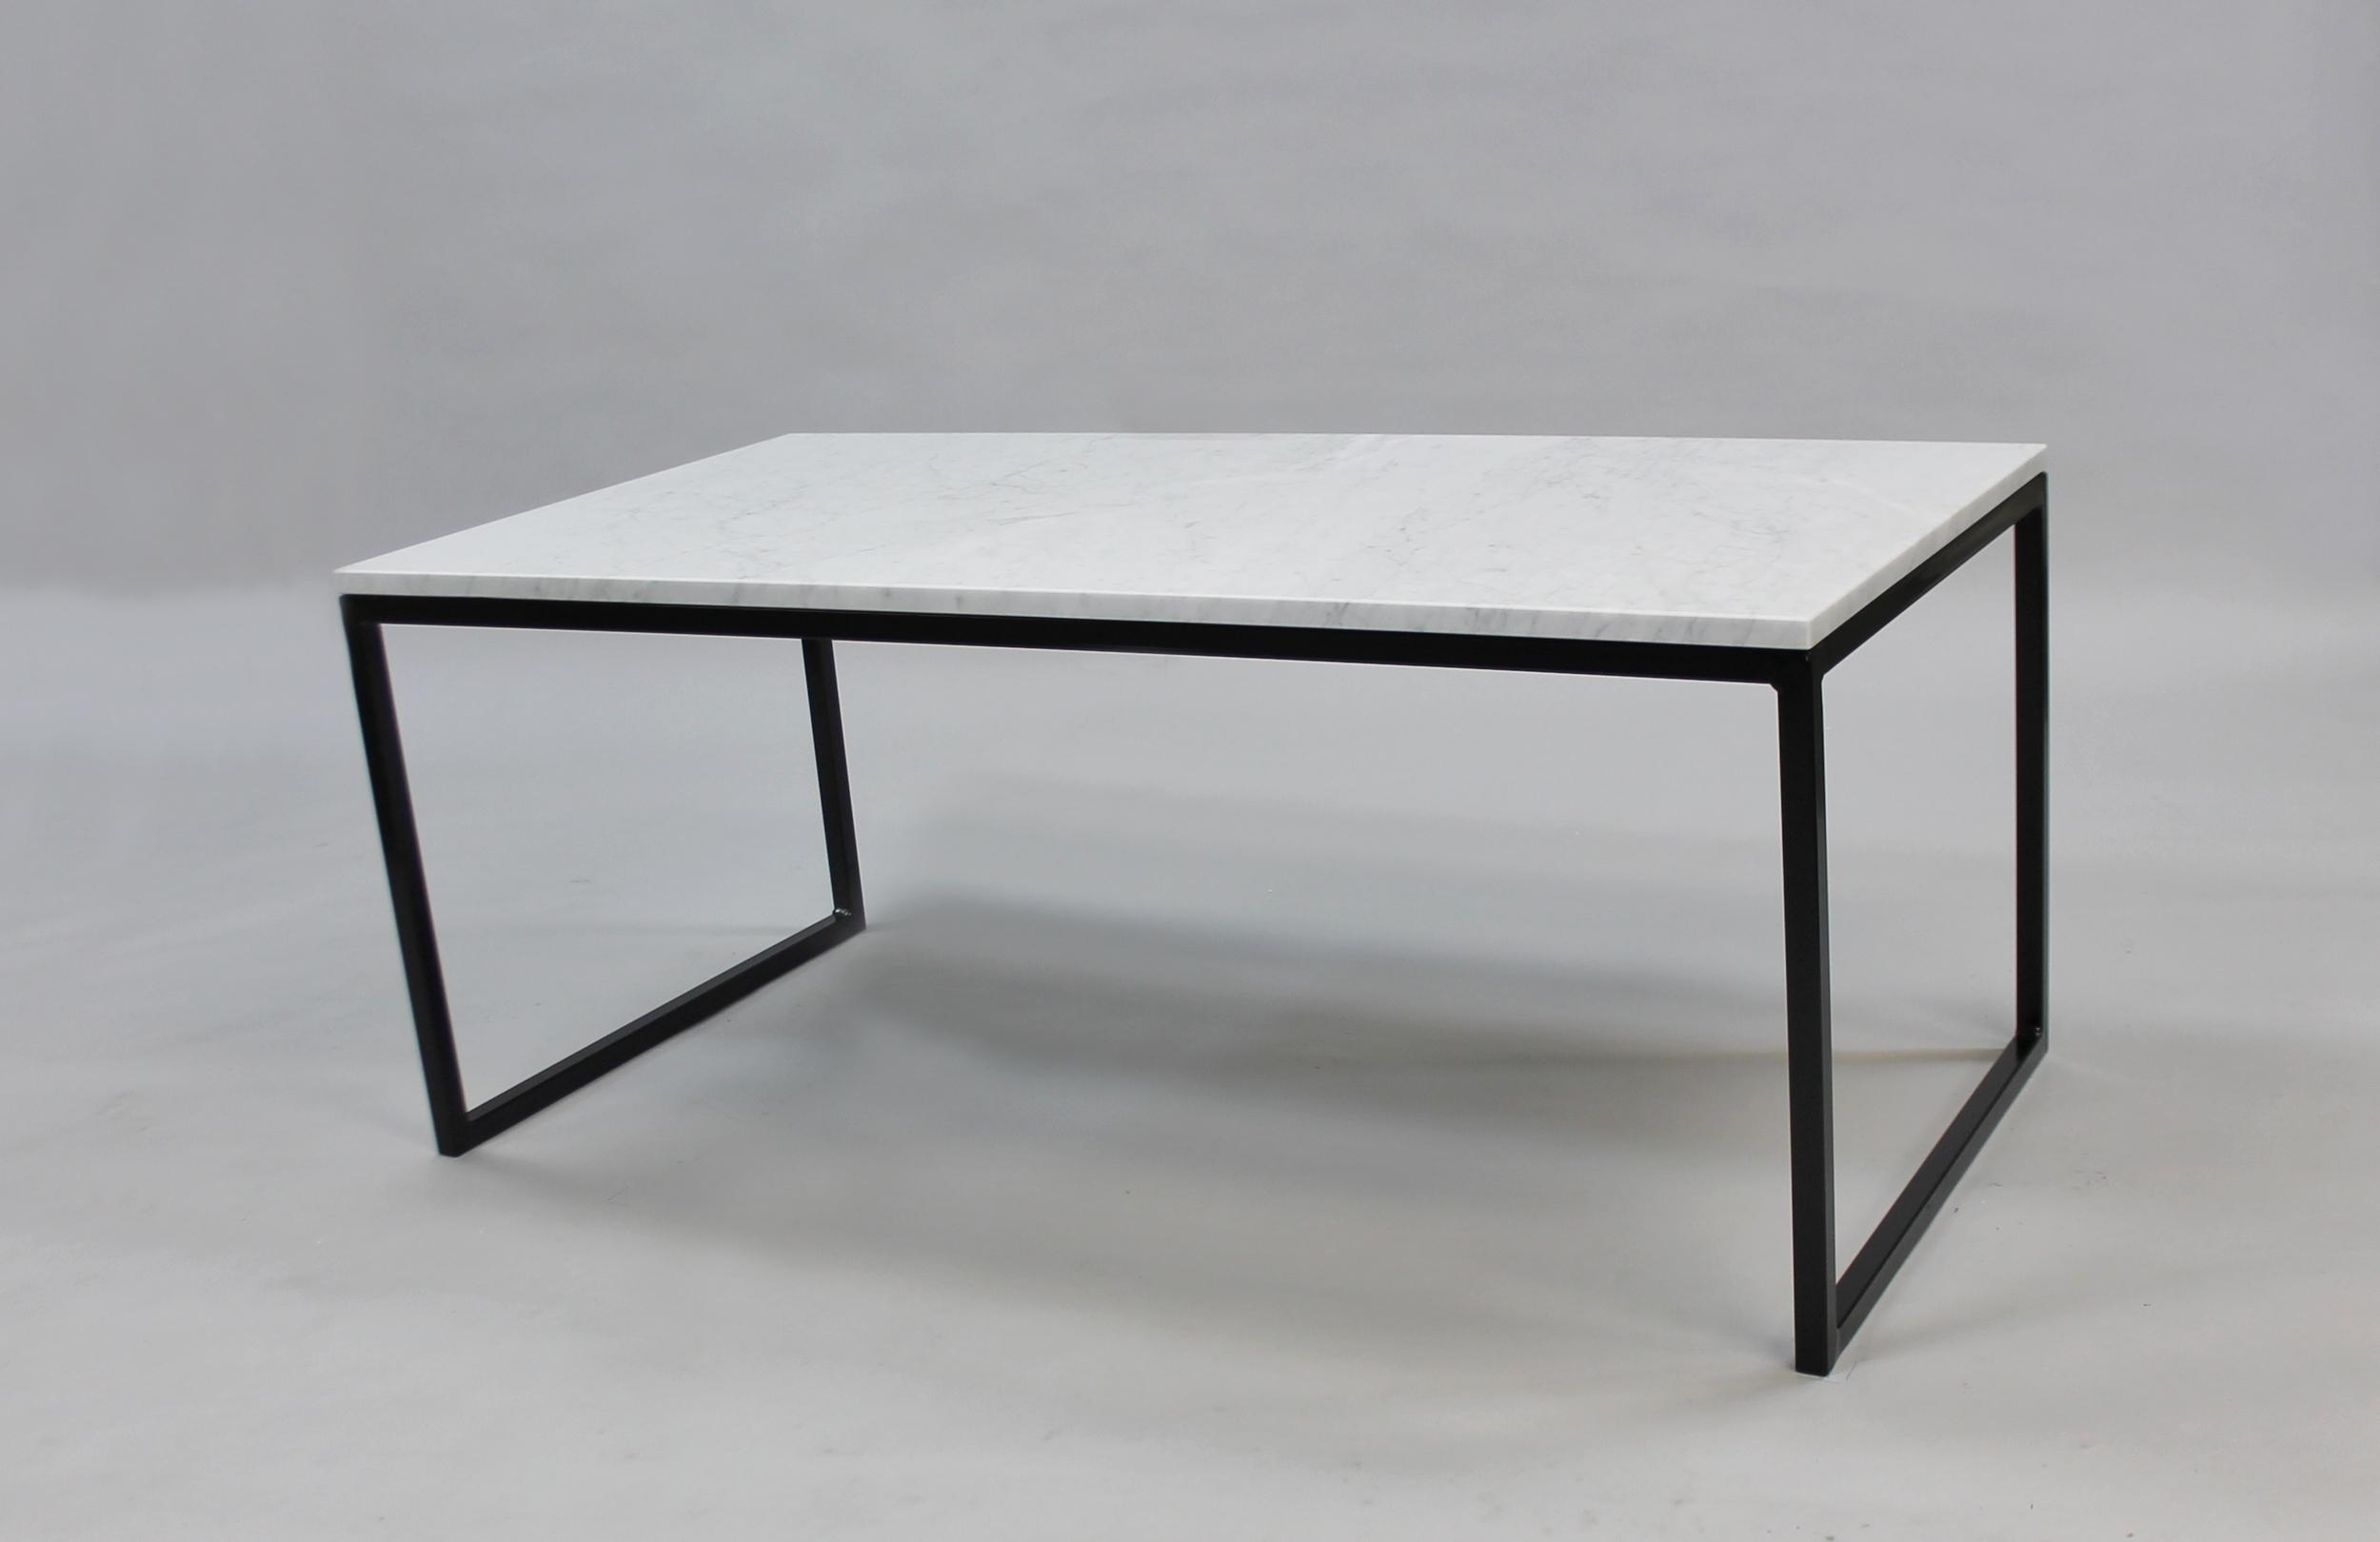 Marmorbord 100x60 H 45, svart halvkub underrede